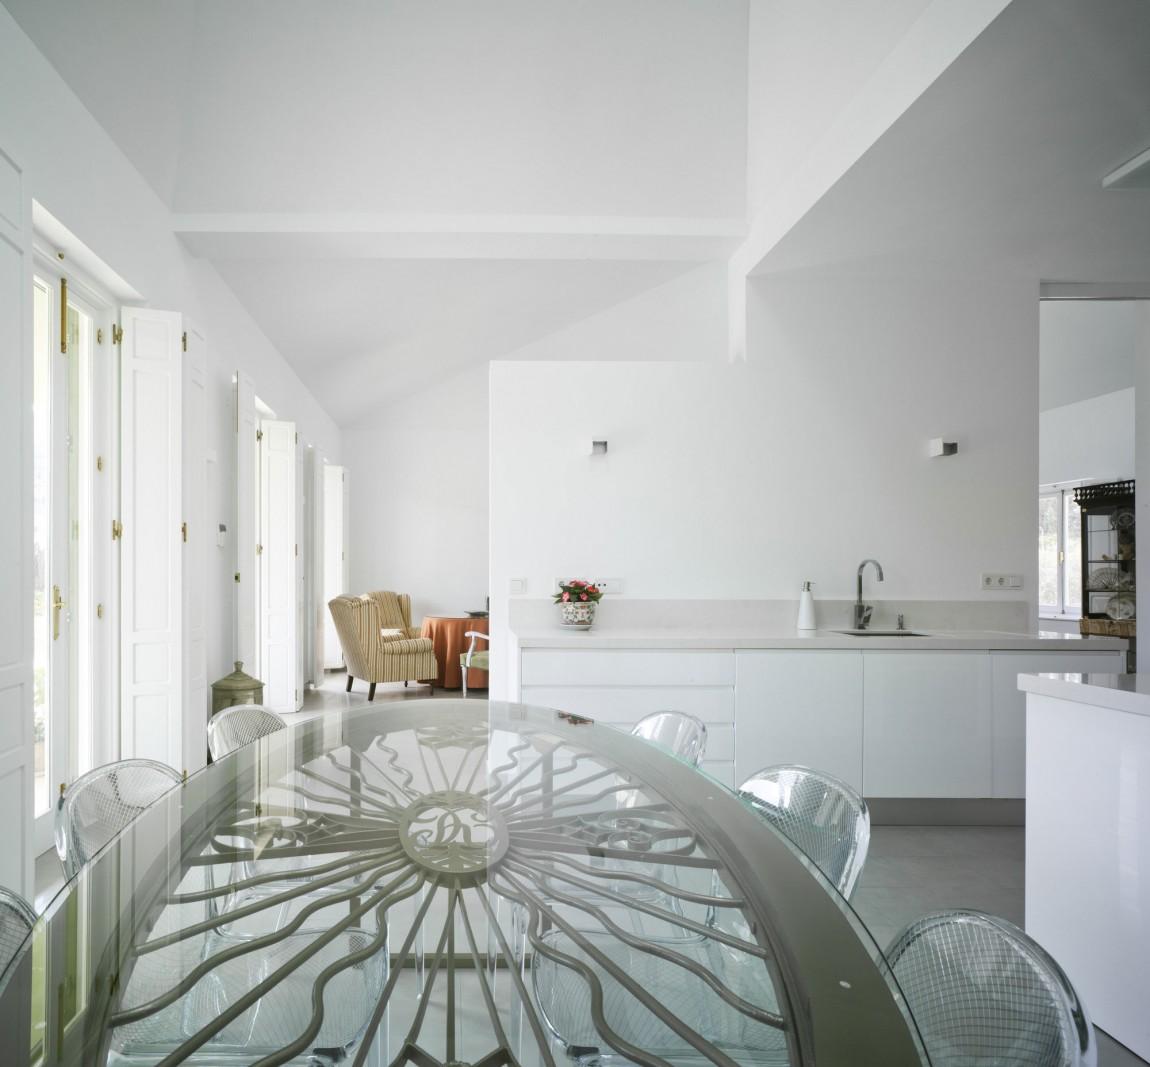 Роскошный интерьер белой кухни - Фото 13